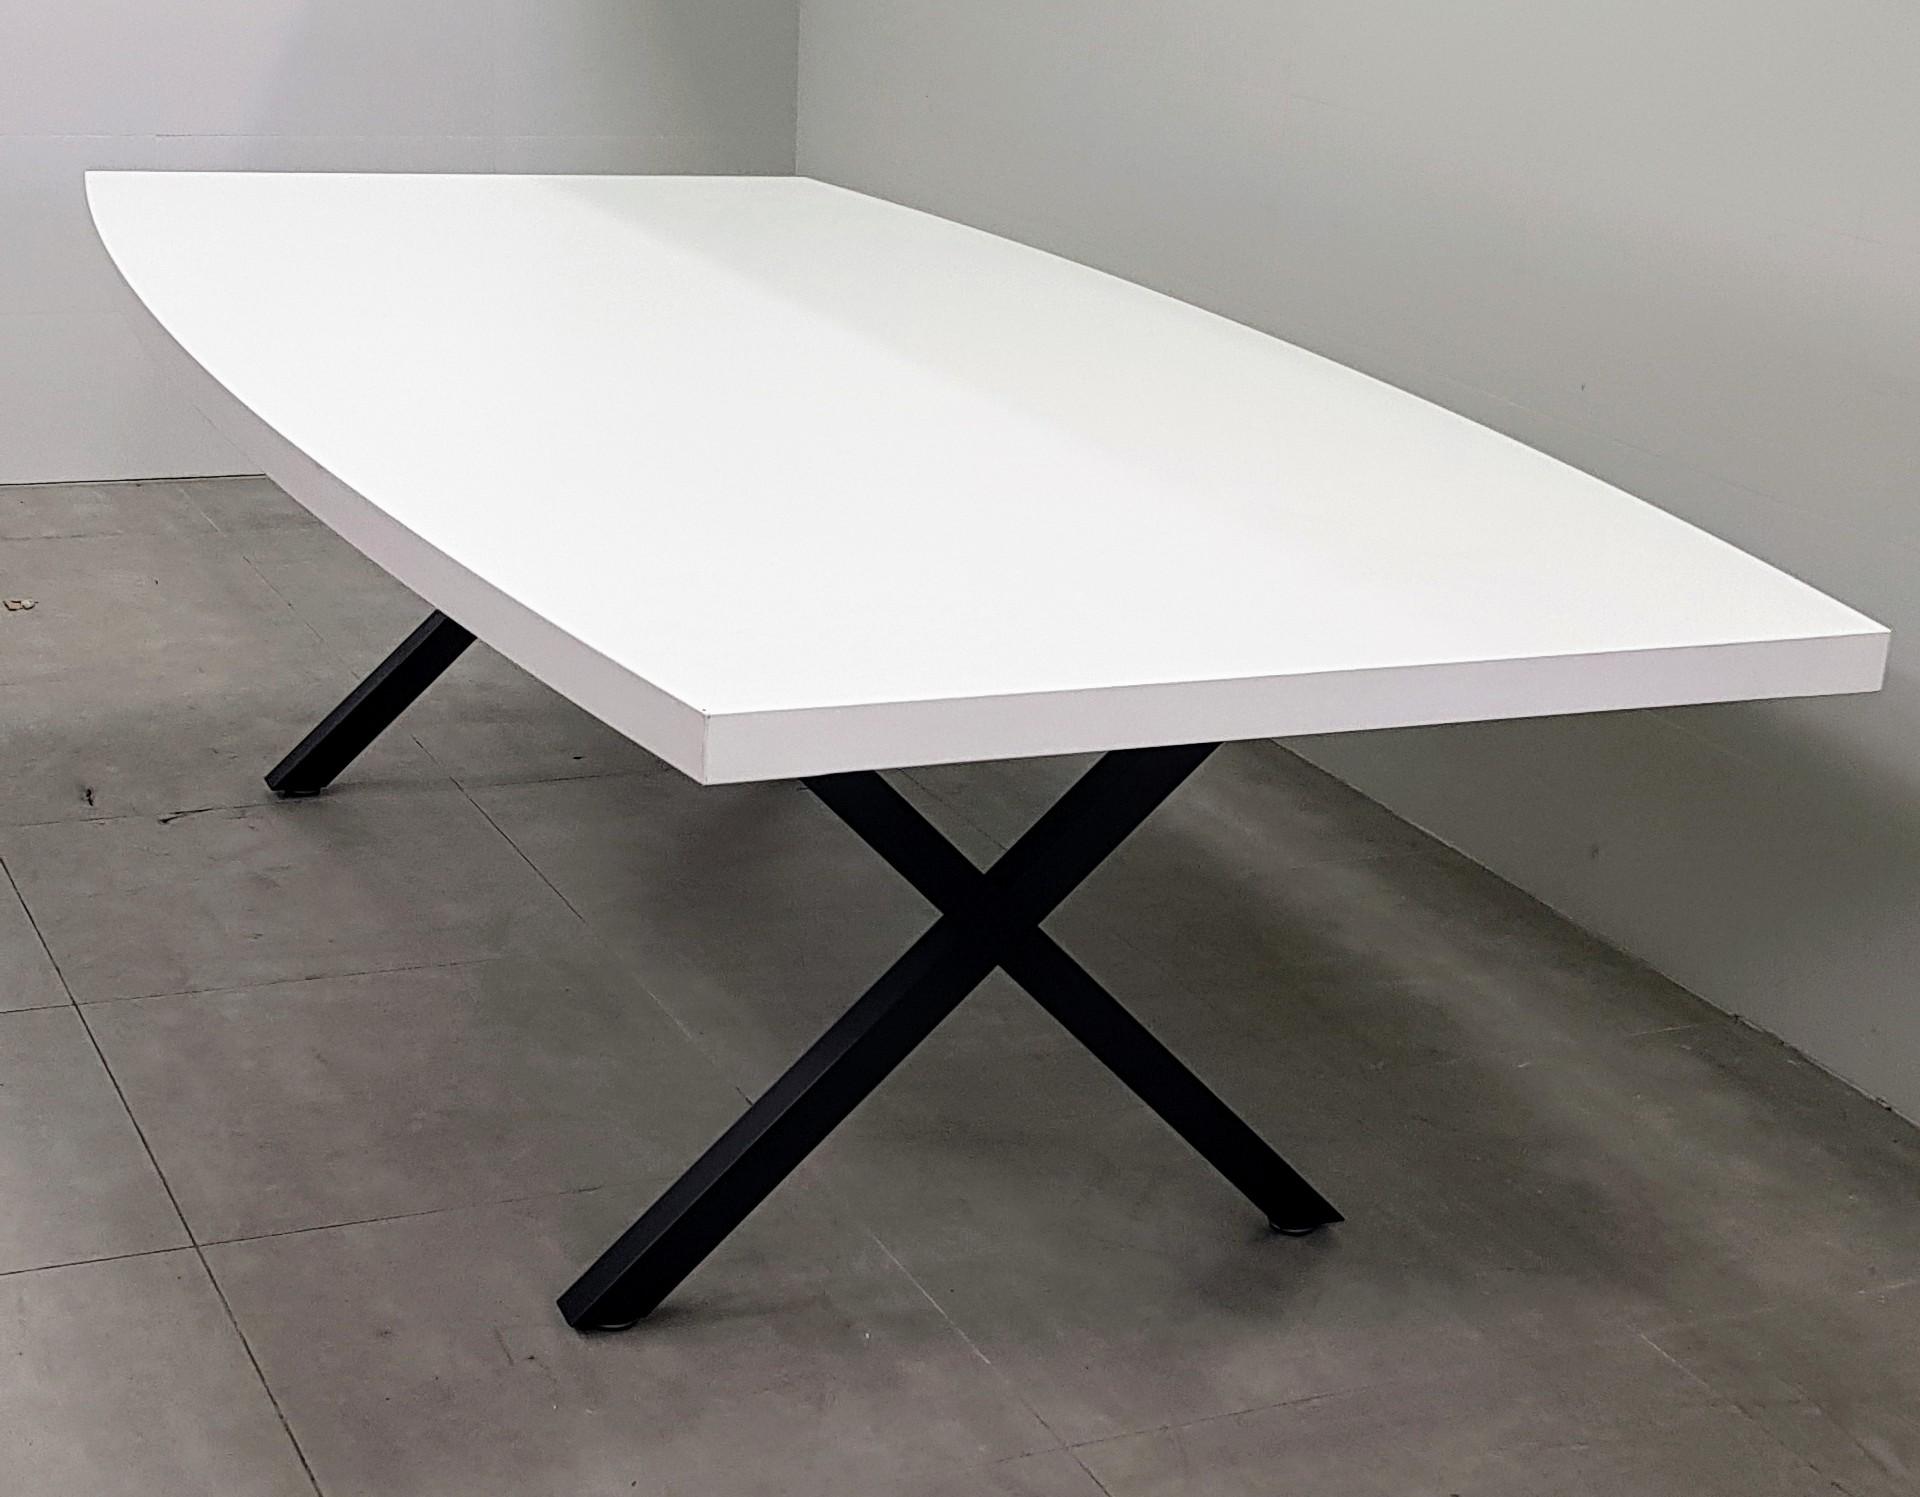 שולחן ישיבות אובלי 240X120 / 200X100 בצבע לבן רגל שחור